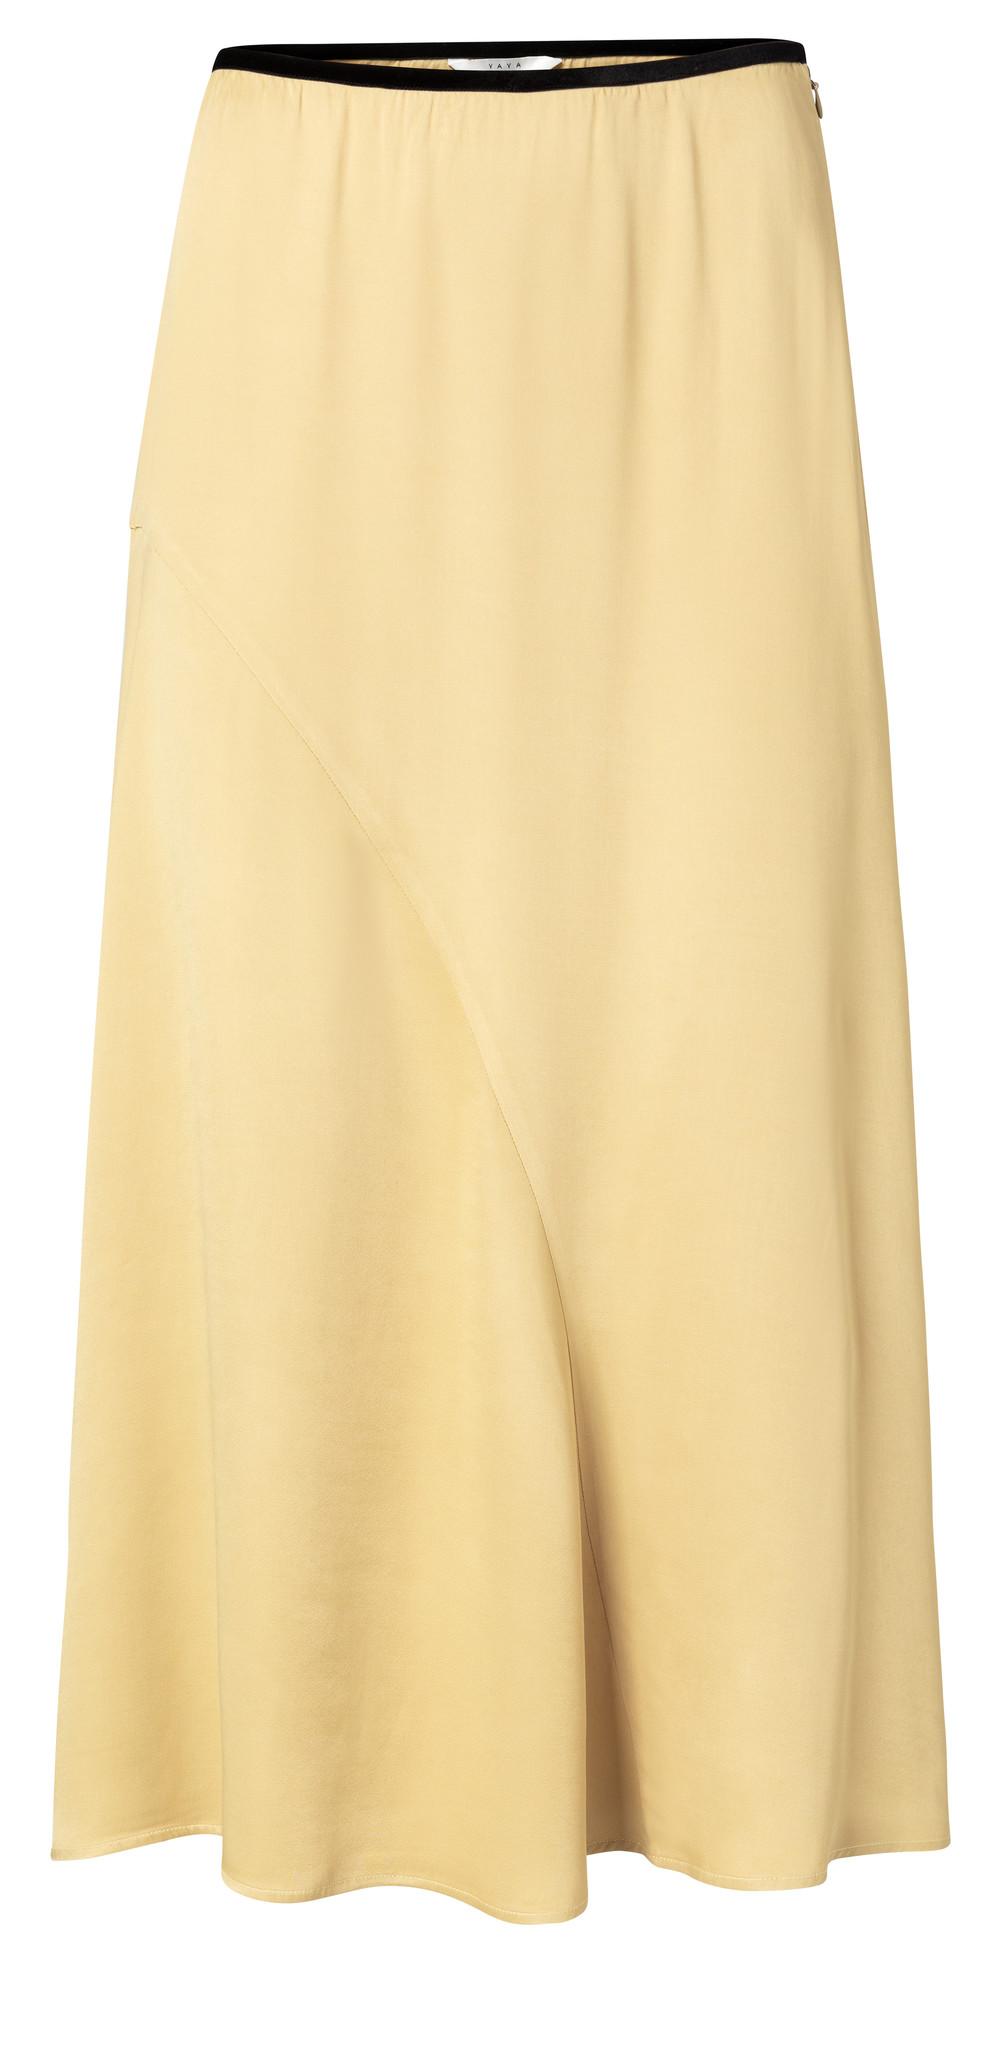 yaya Satin A-line skirt 140183-014-1